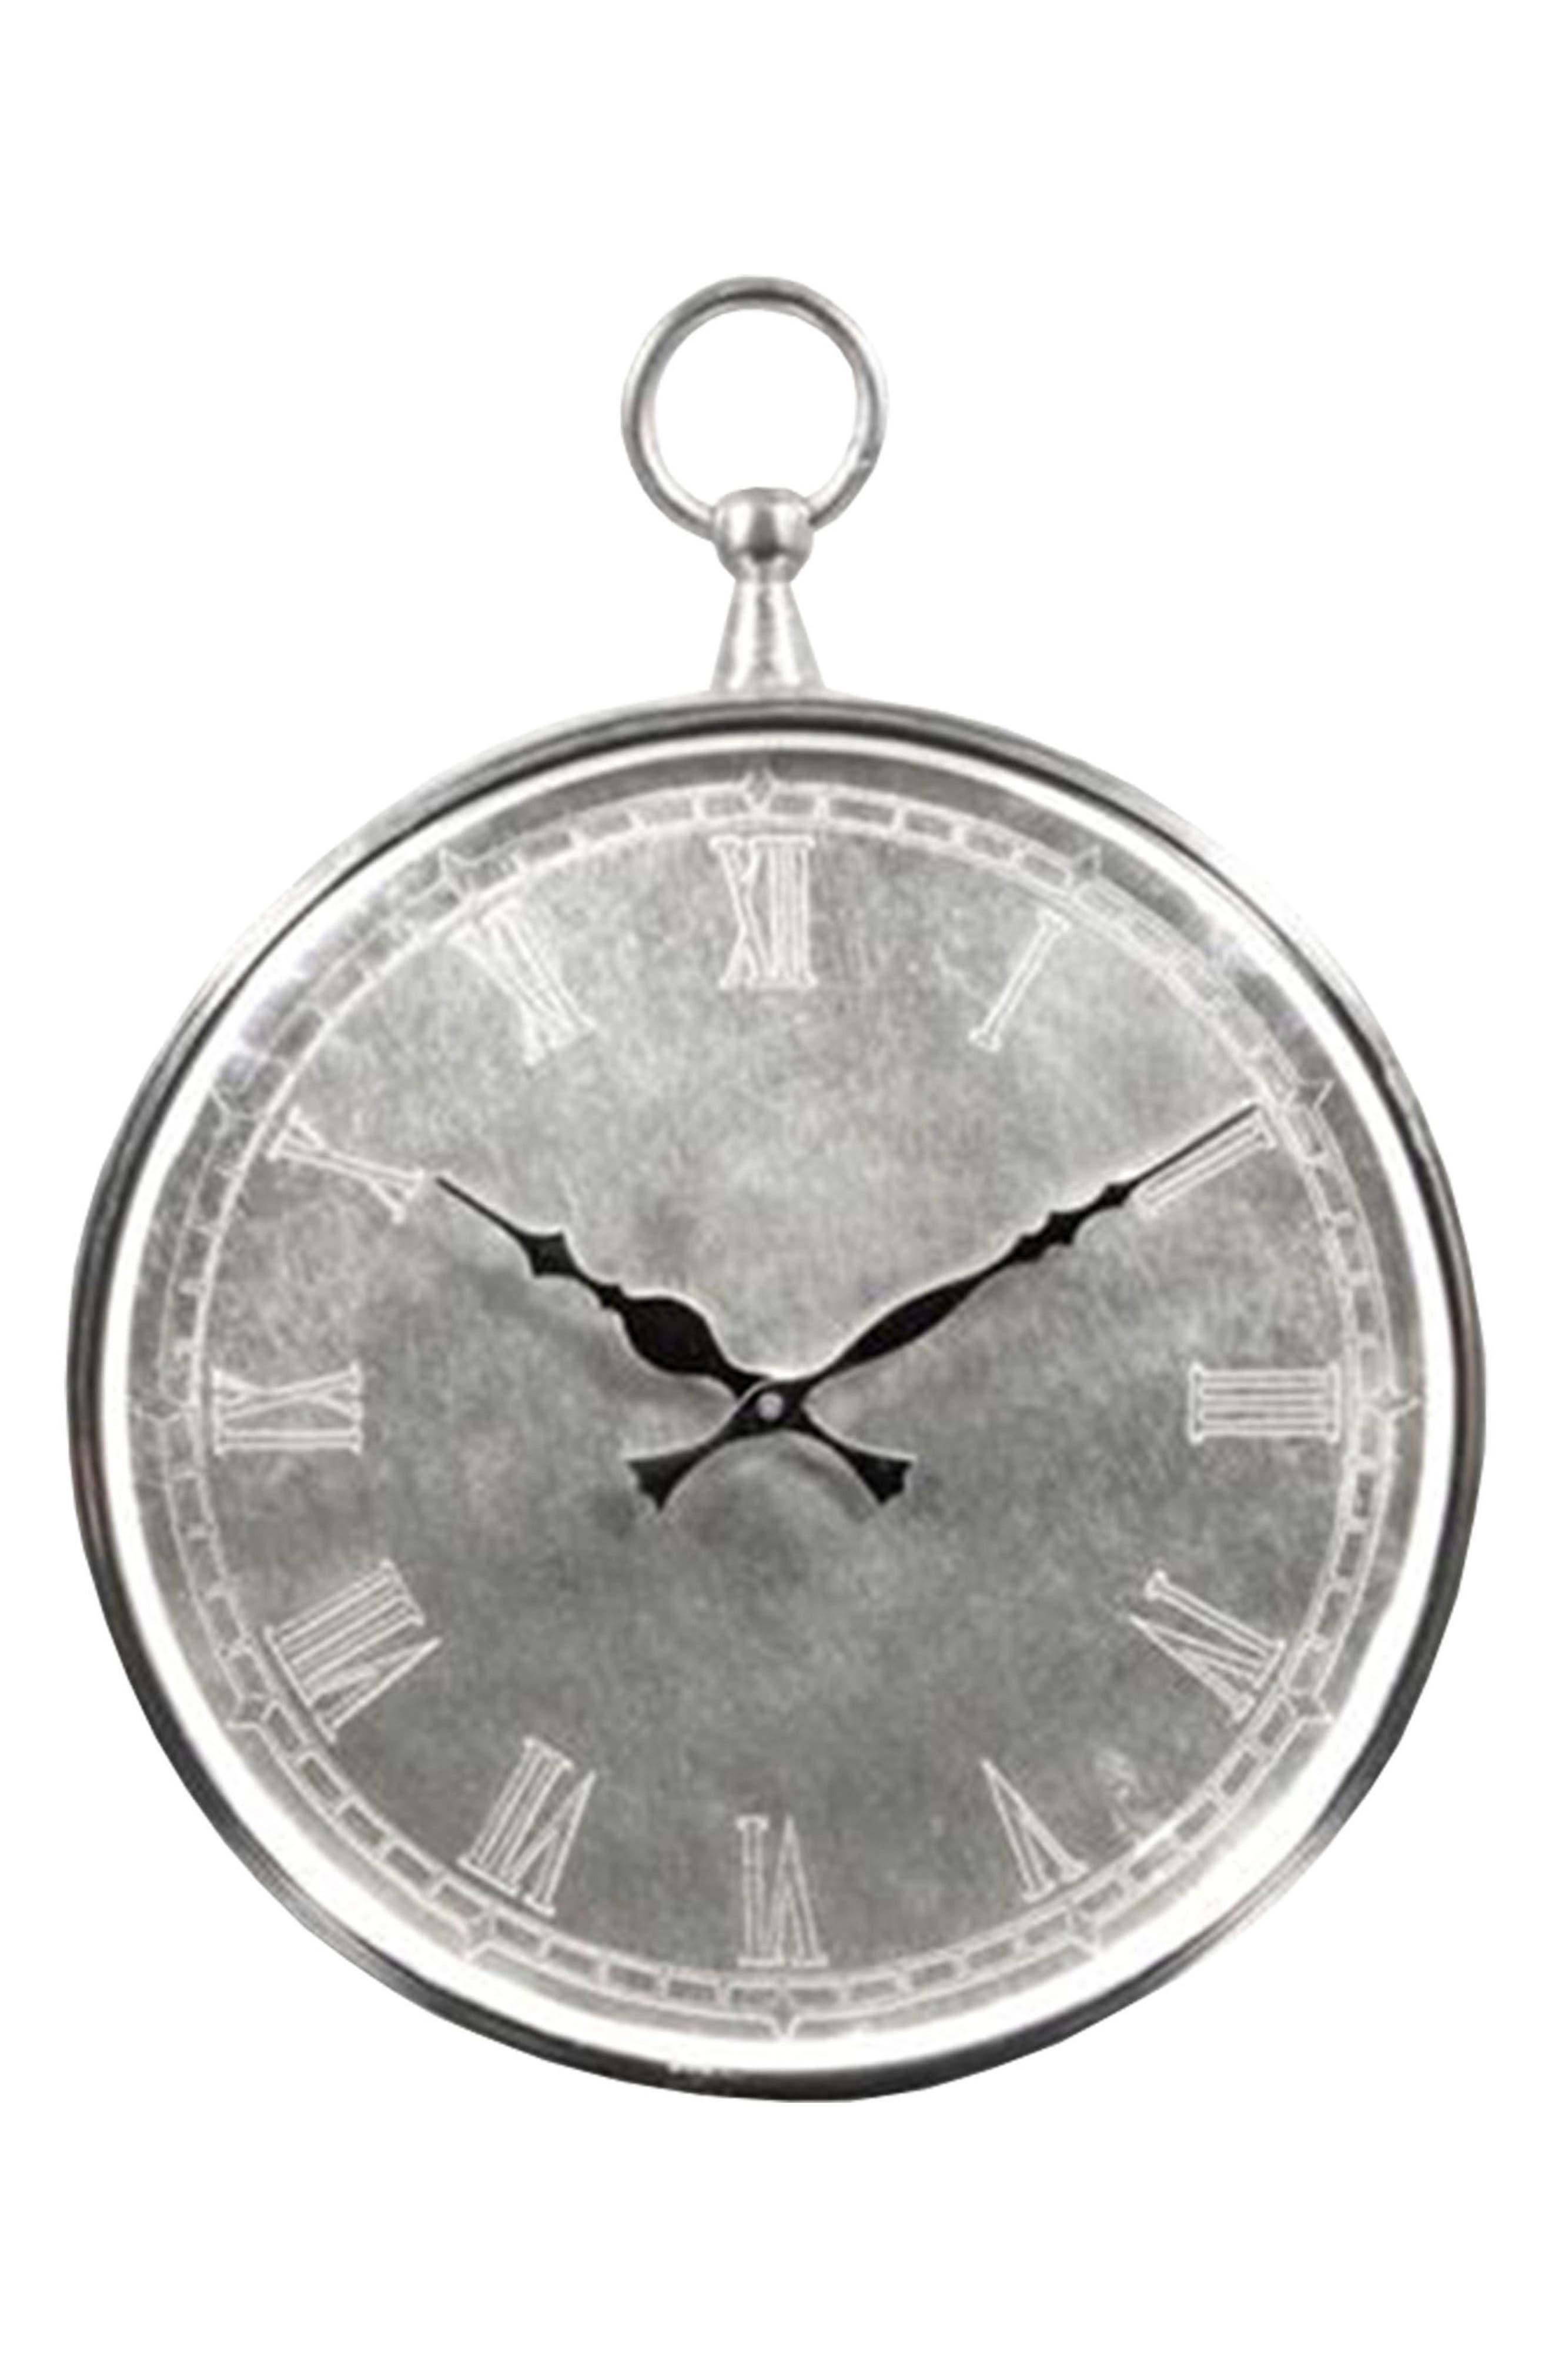 Main Image - Renwil Bryony Wall Clock